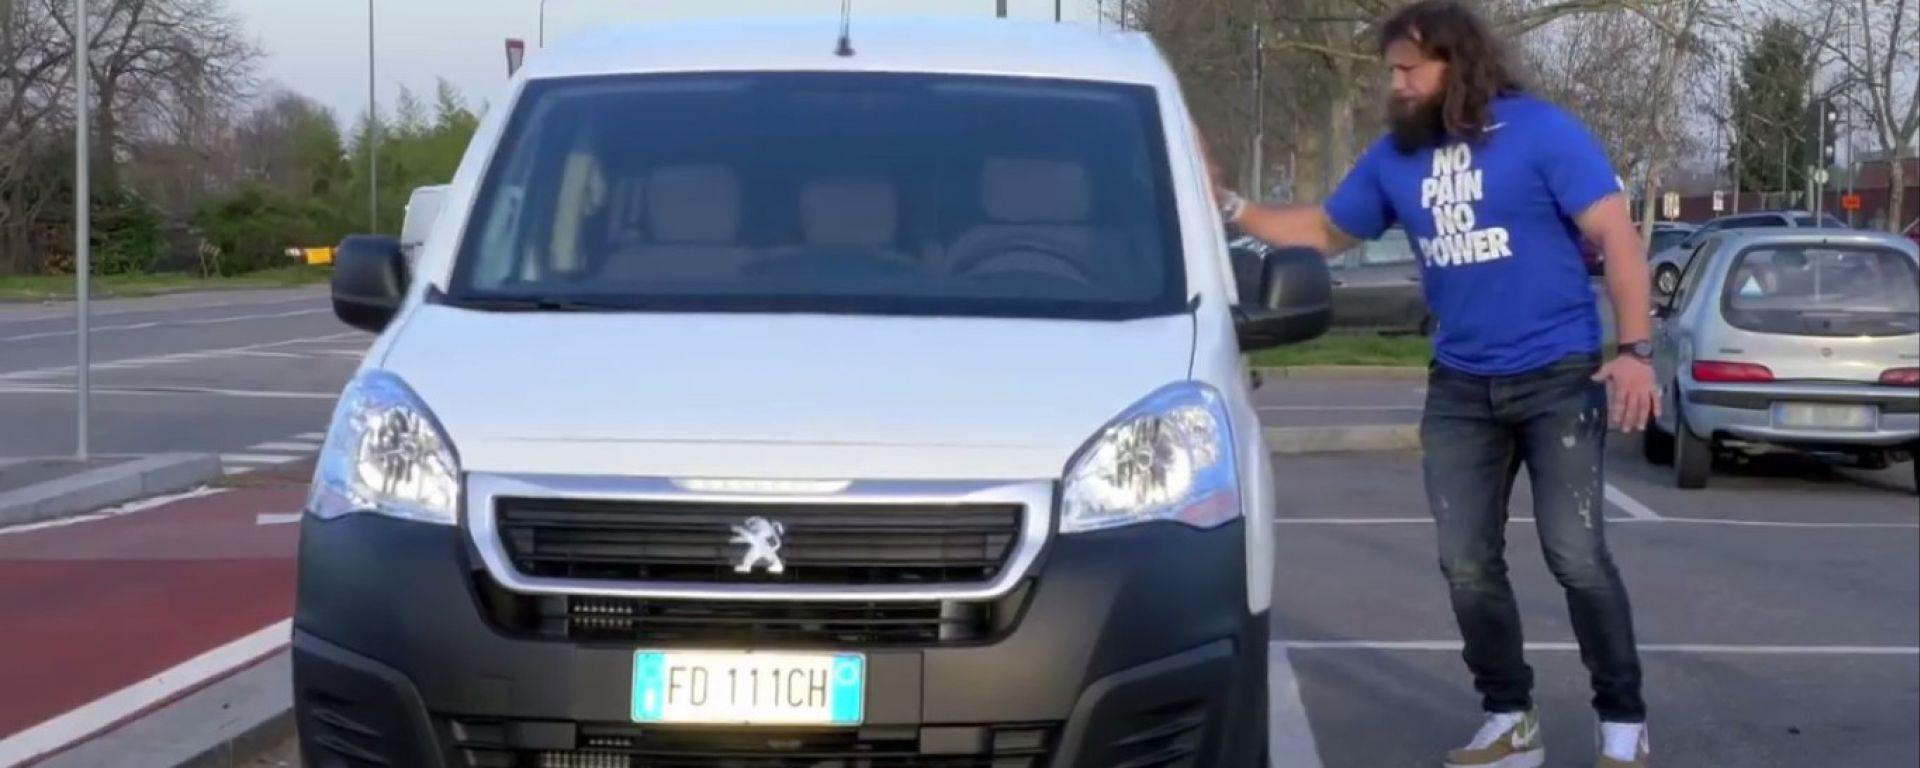 Peugeot: Martín Castrogiovanni testimonial  della categoria commerciale